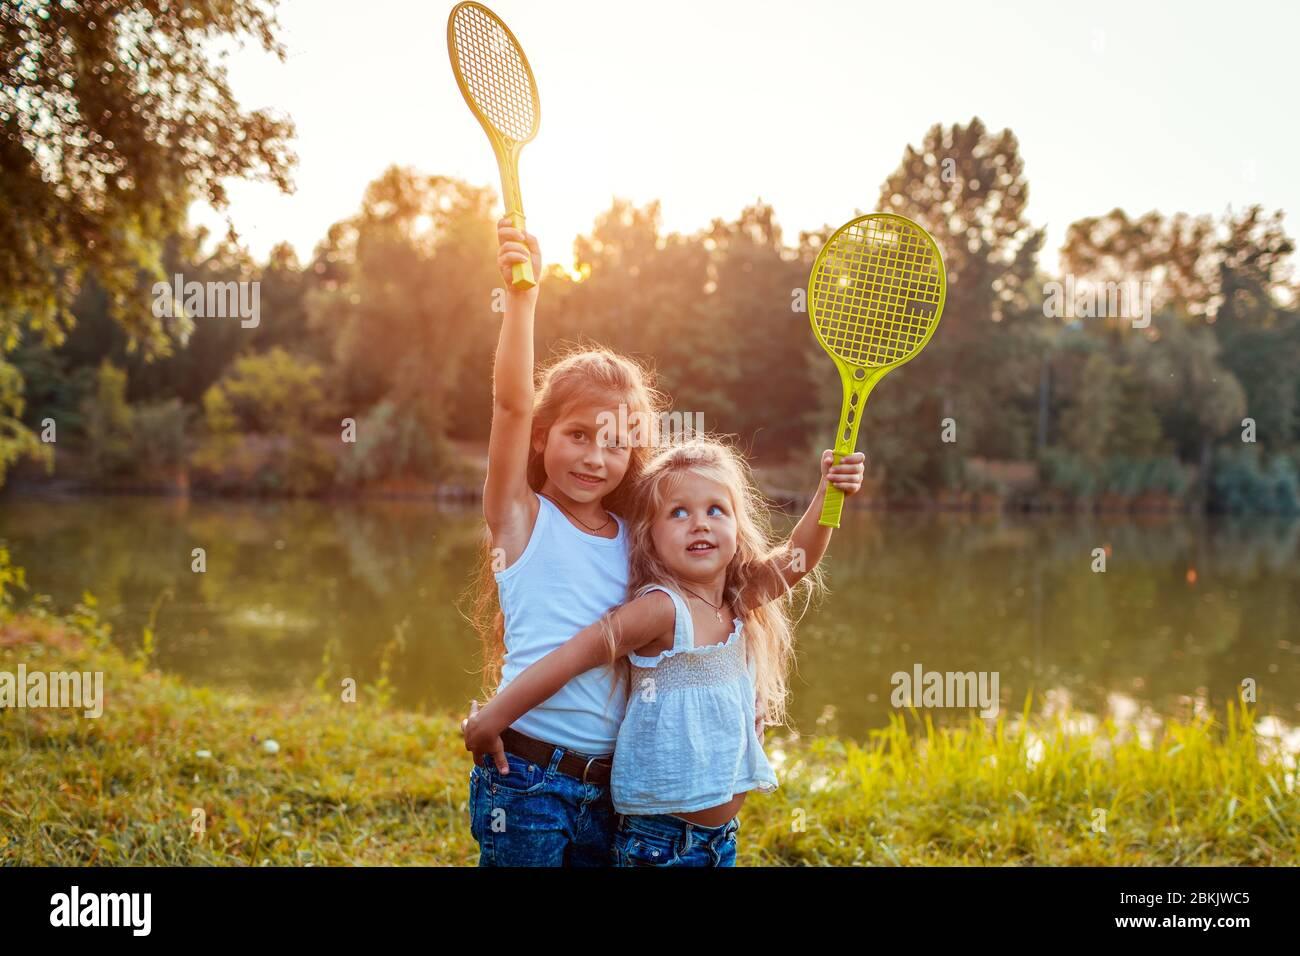 Niñas que se divierten al aire libre después de jugar al bádminton. Hermanas crían raquetas en el parque de primavera. Actividades para niños Foto de stock